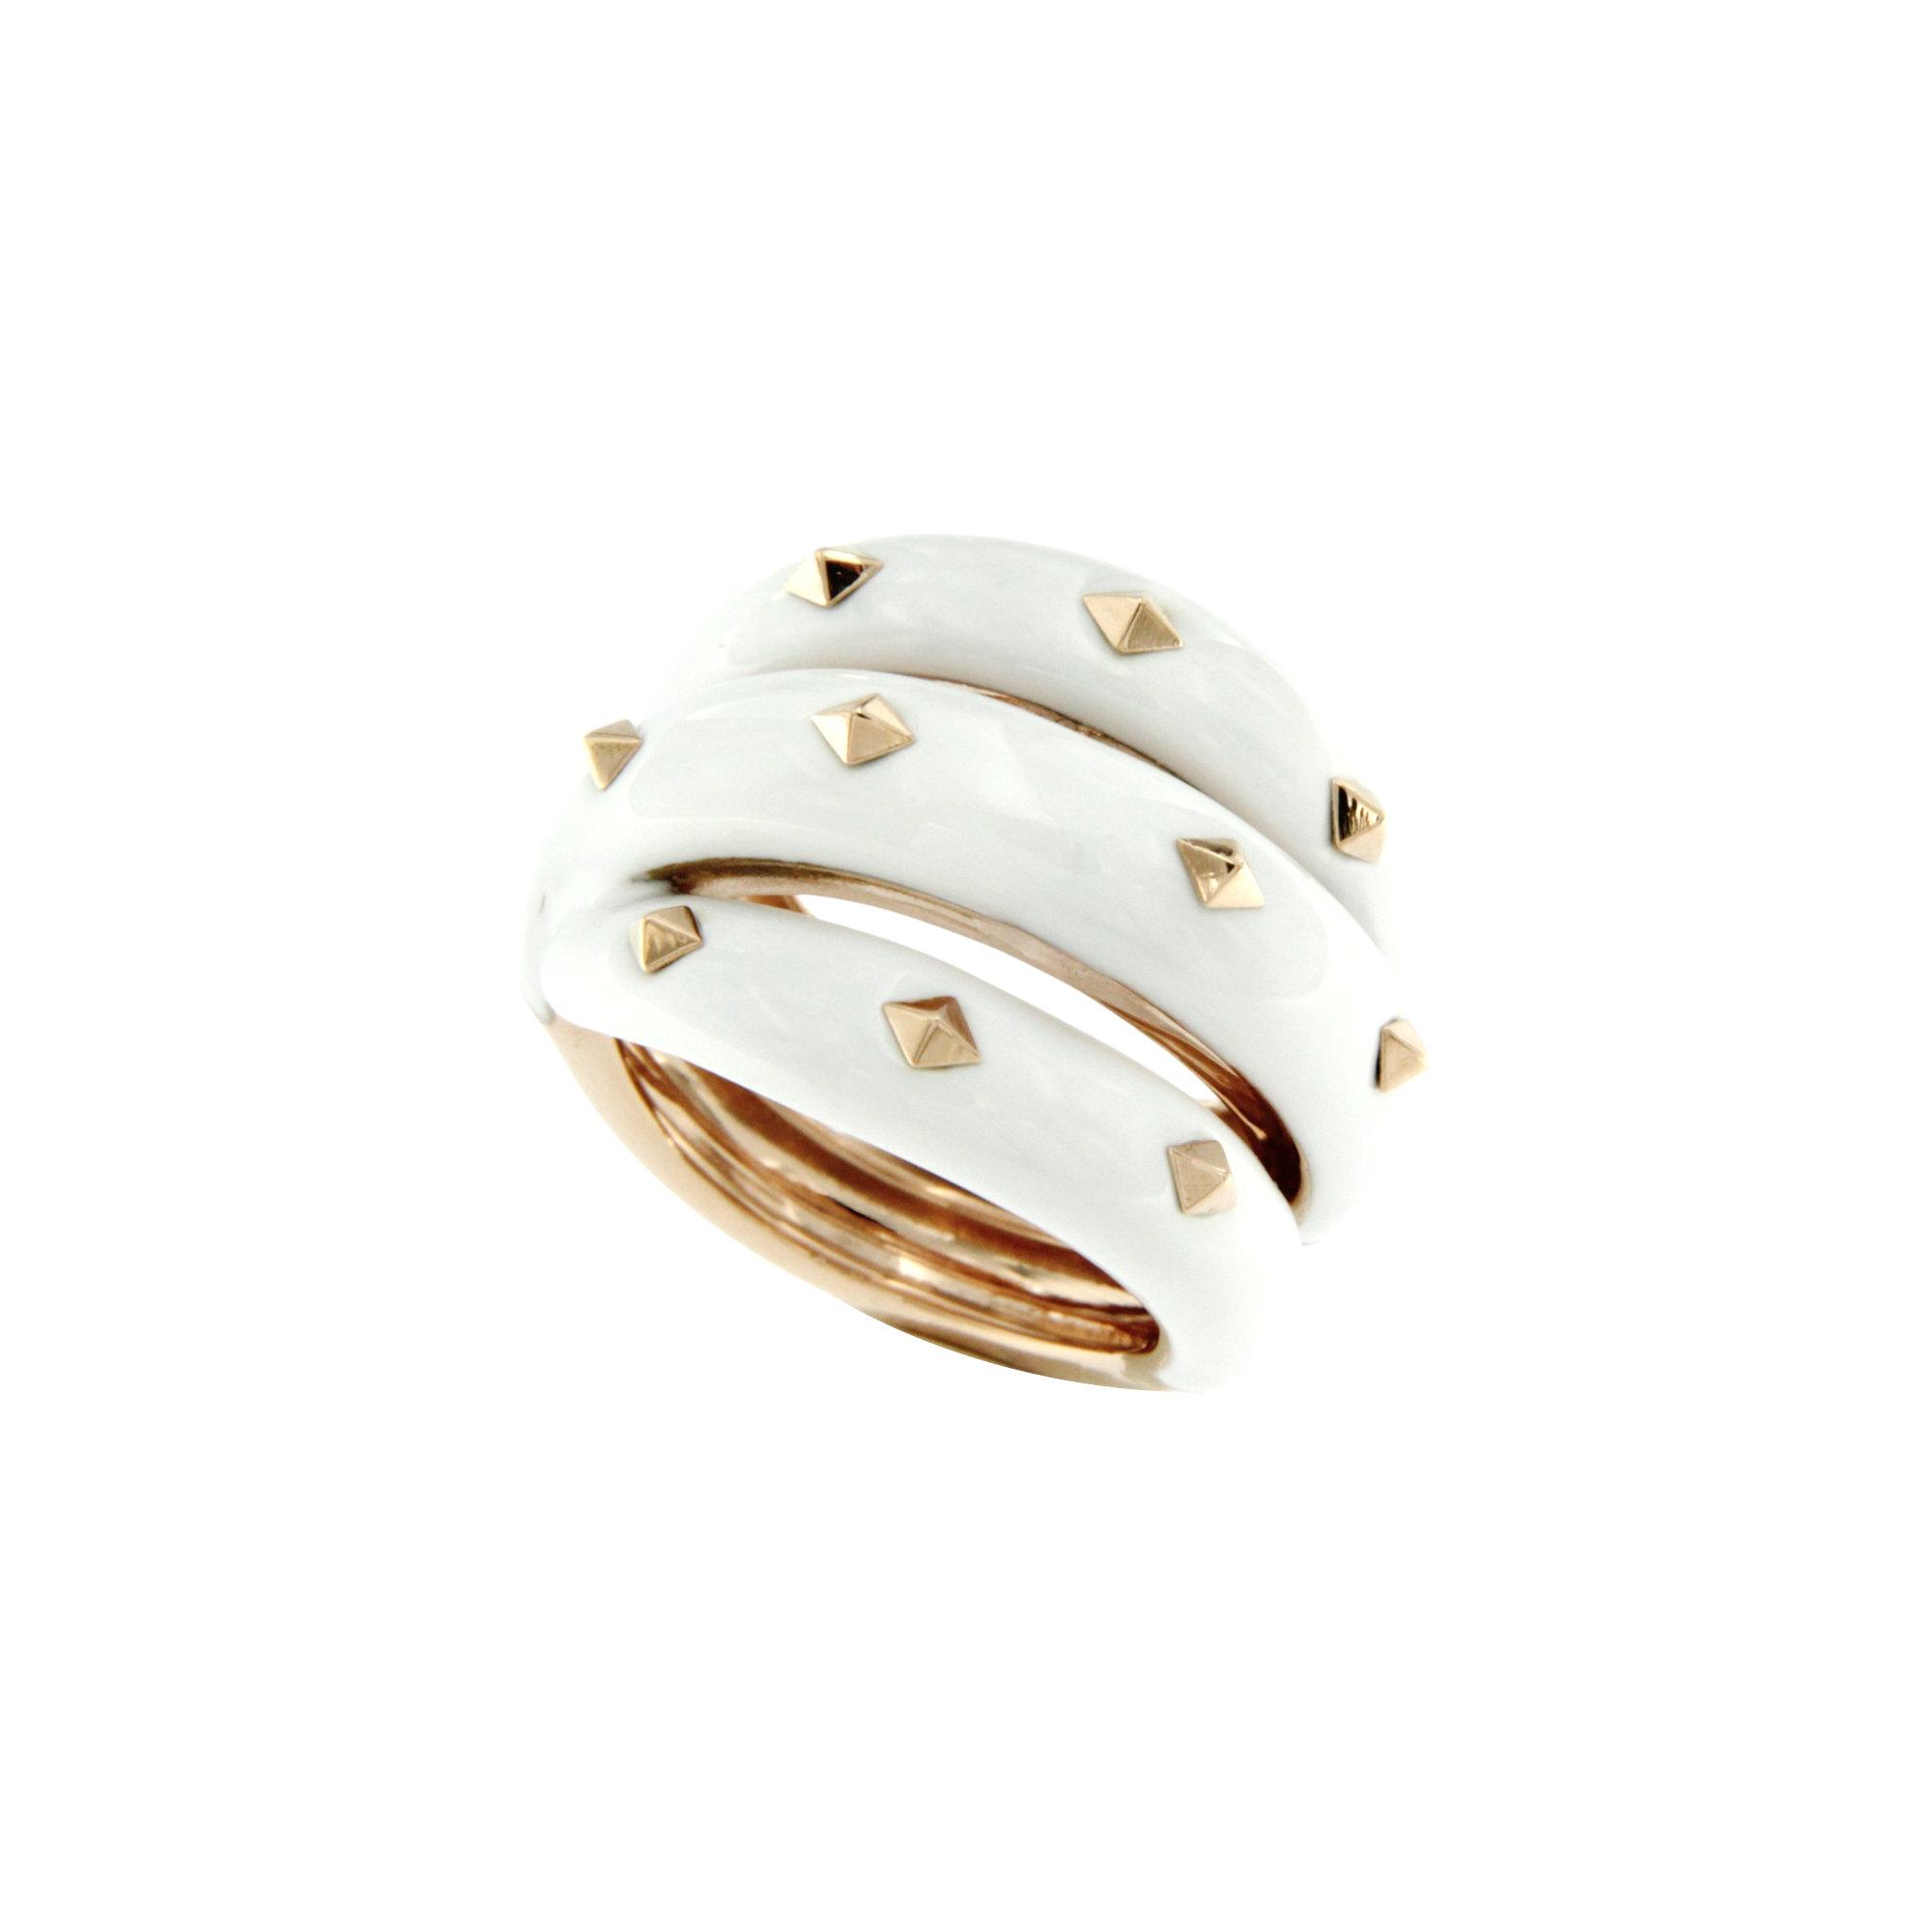 Anello carriva ring smalto bianco enamel white sconto discount